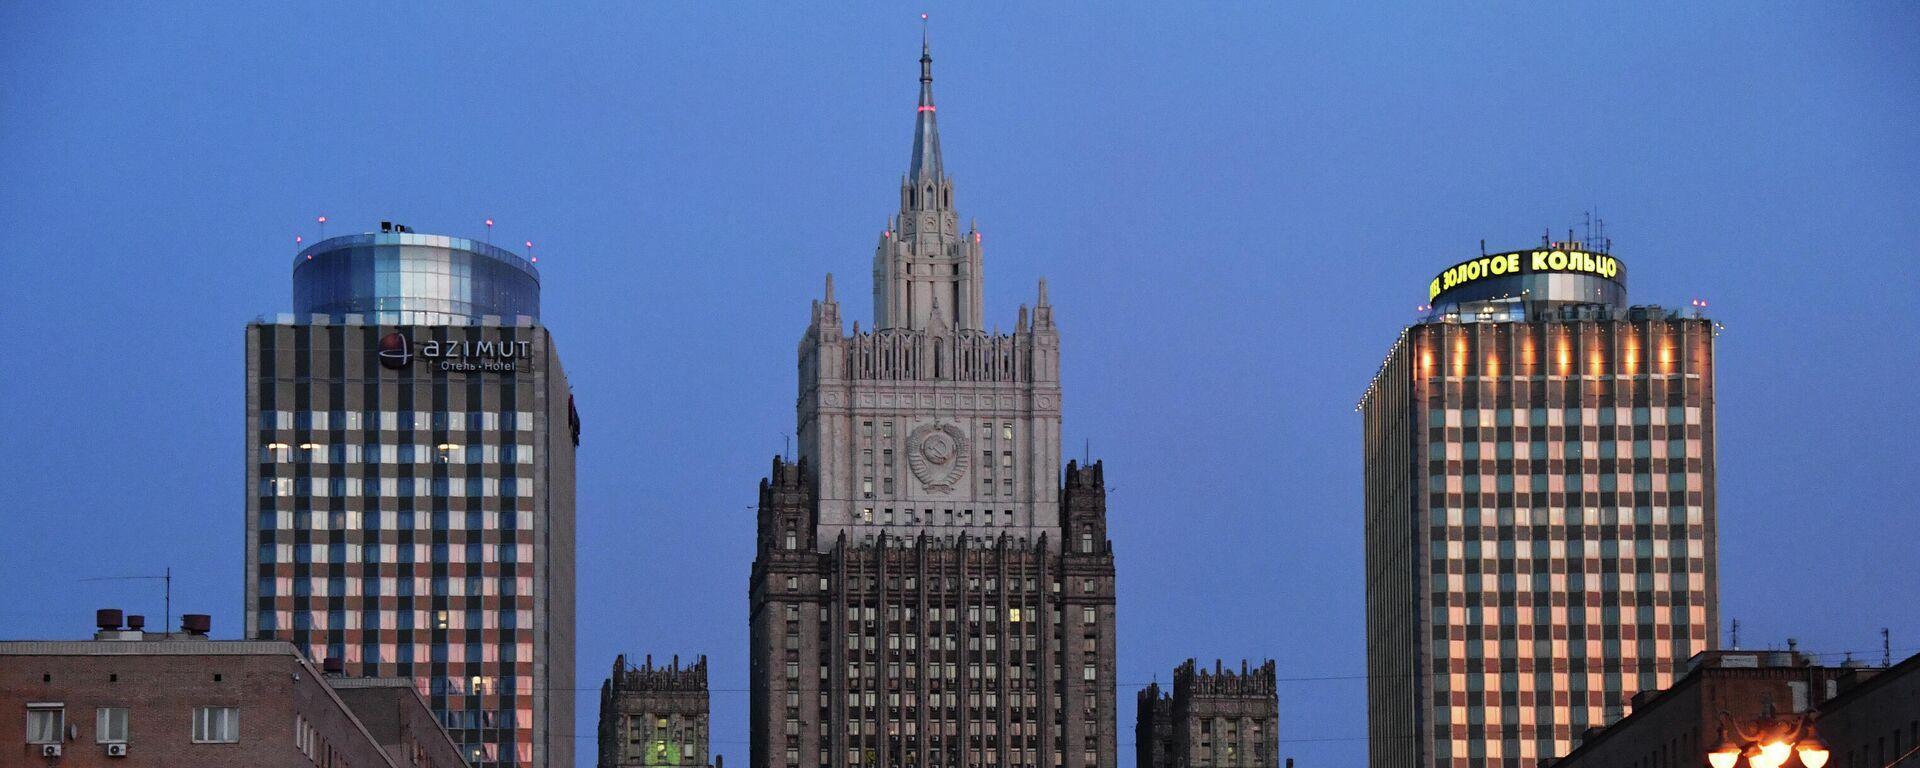 Außenministerium Russlands (Archivfoto) - SNA, 1920, 22.02.2021